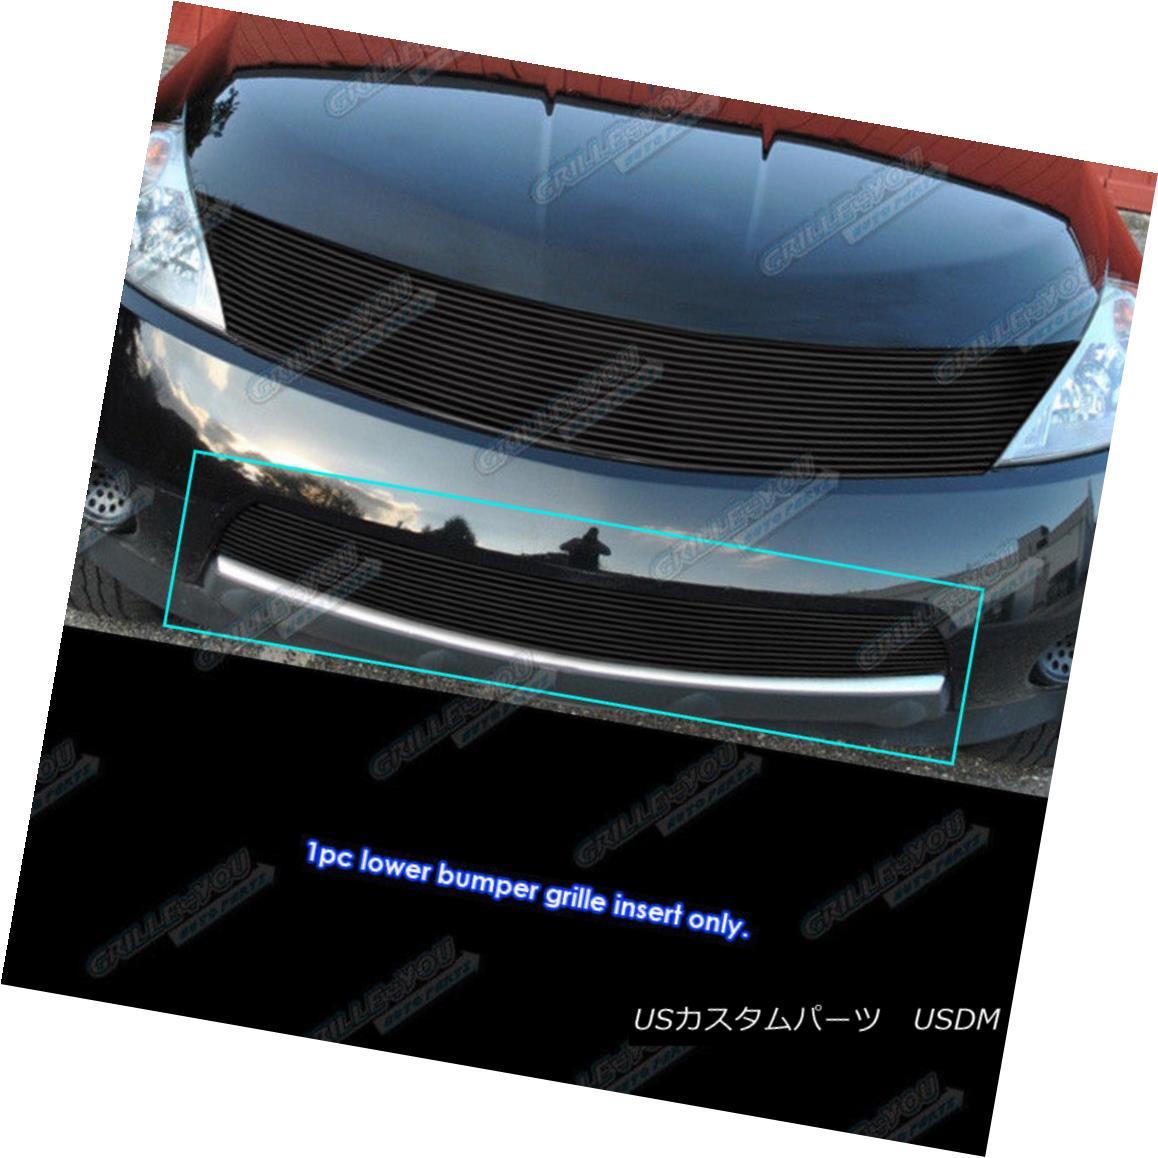 グリル Fits 2003-2008 Nissan Murano Black Bumper Billet Grille Grill Insert フィット2003-2008日産ムラーノブラックバンパービレットグリルグリルインサート